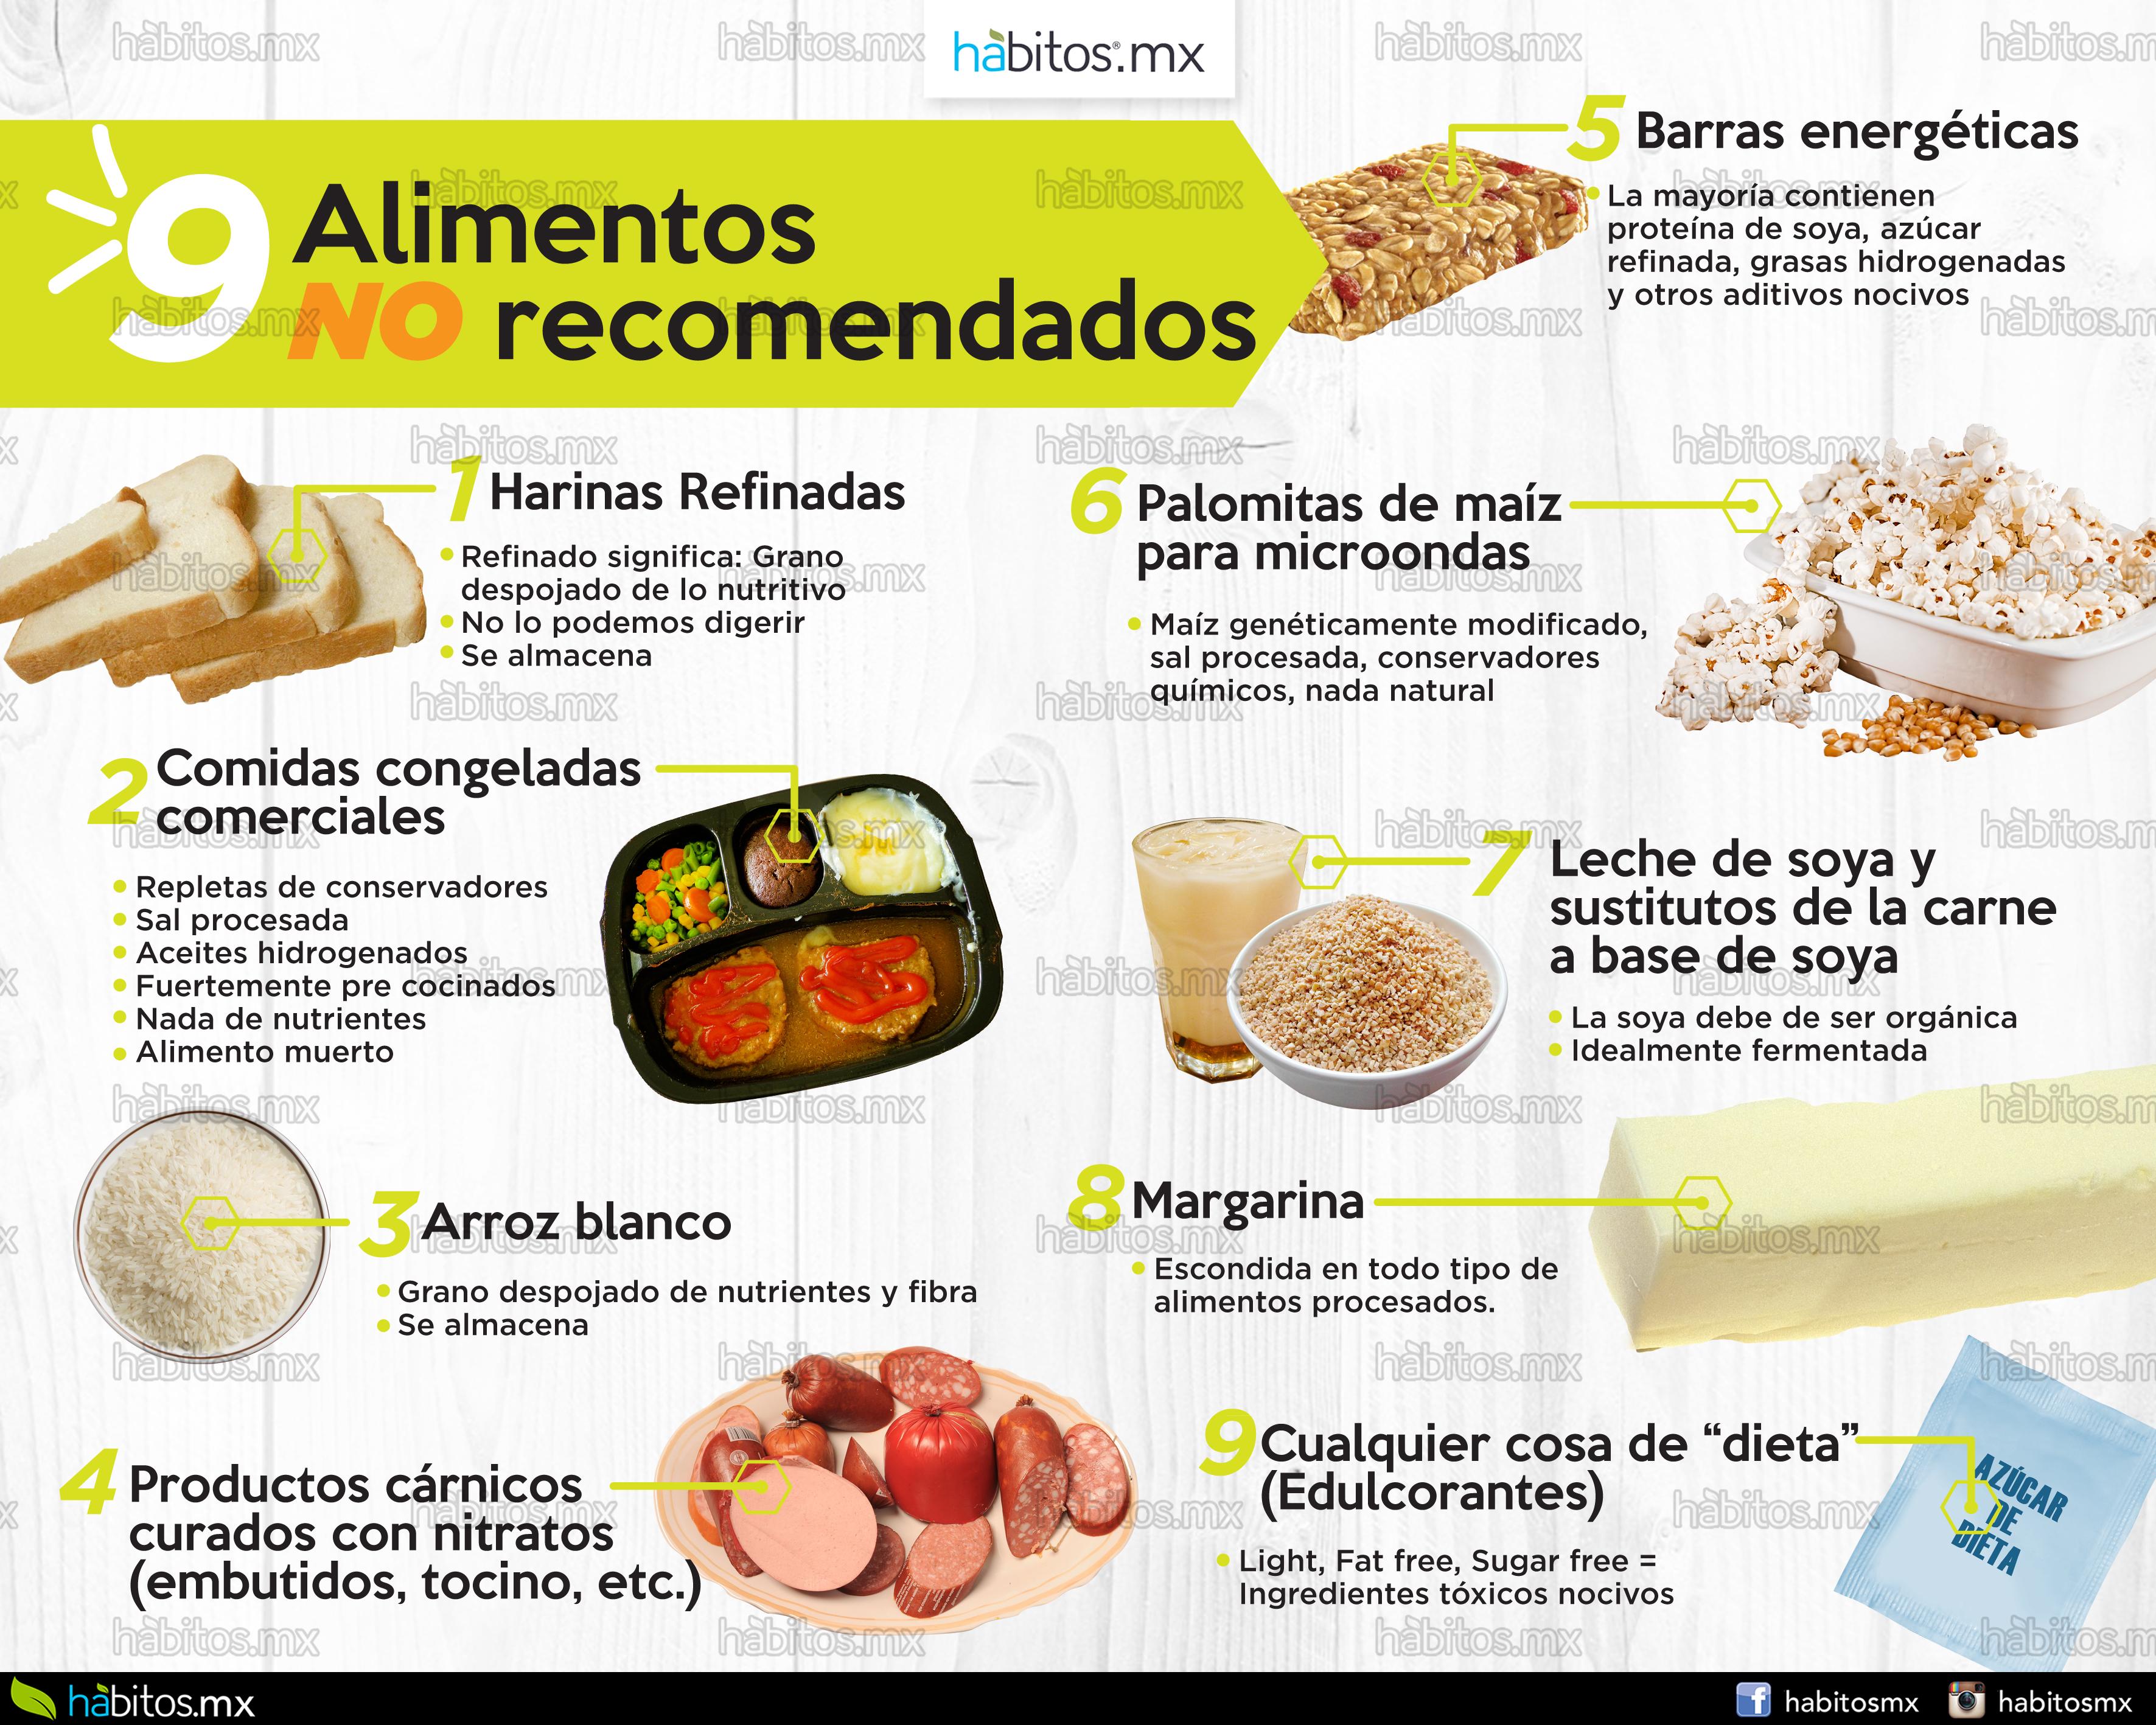 9 formas de destruir tu salud al comer alimentos procesados